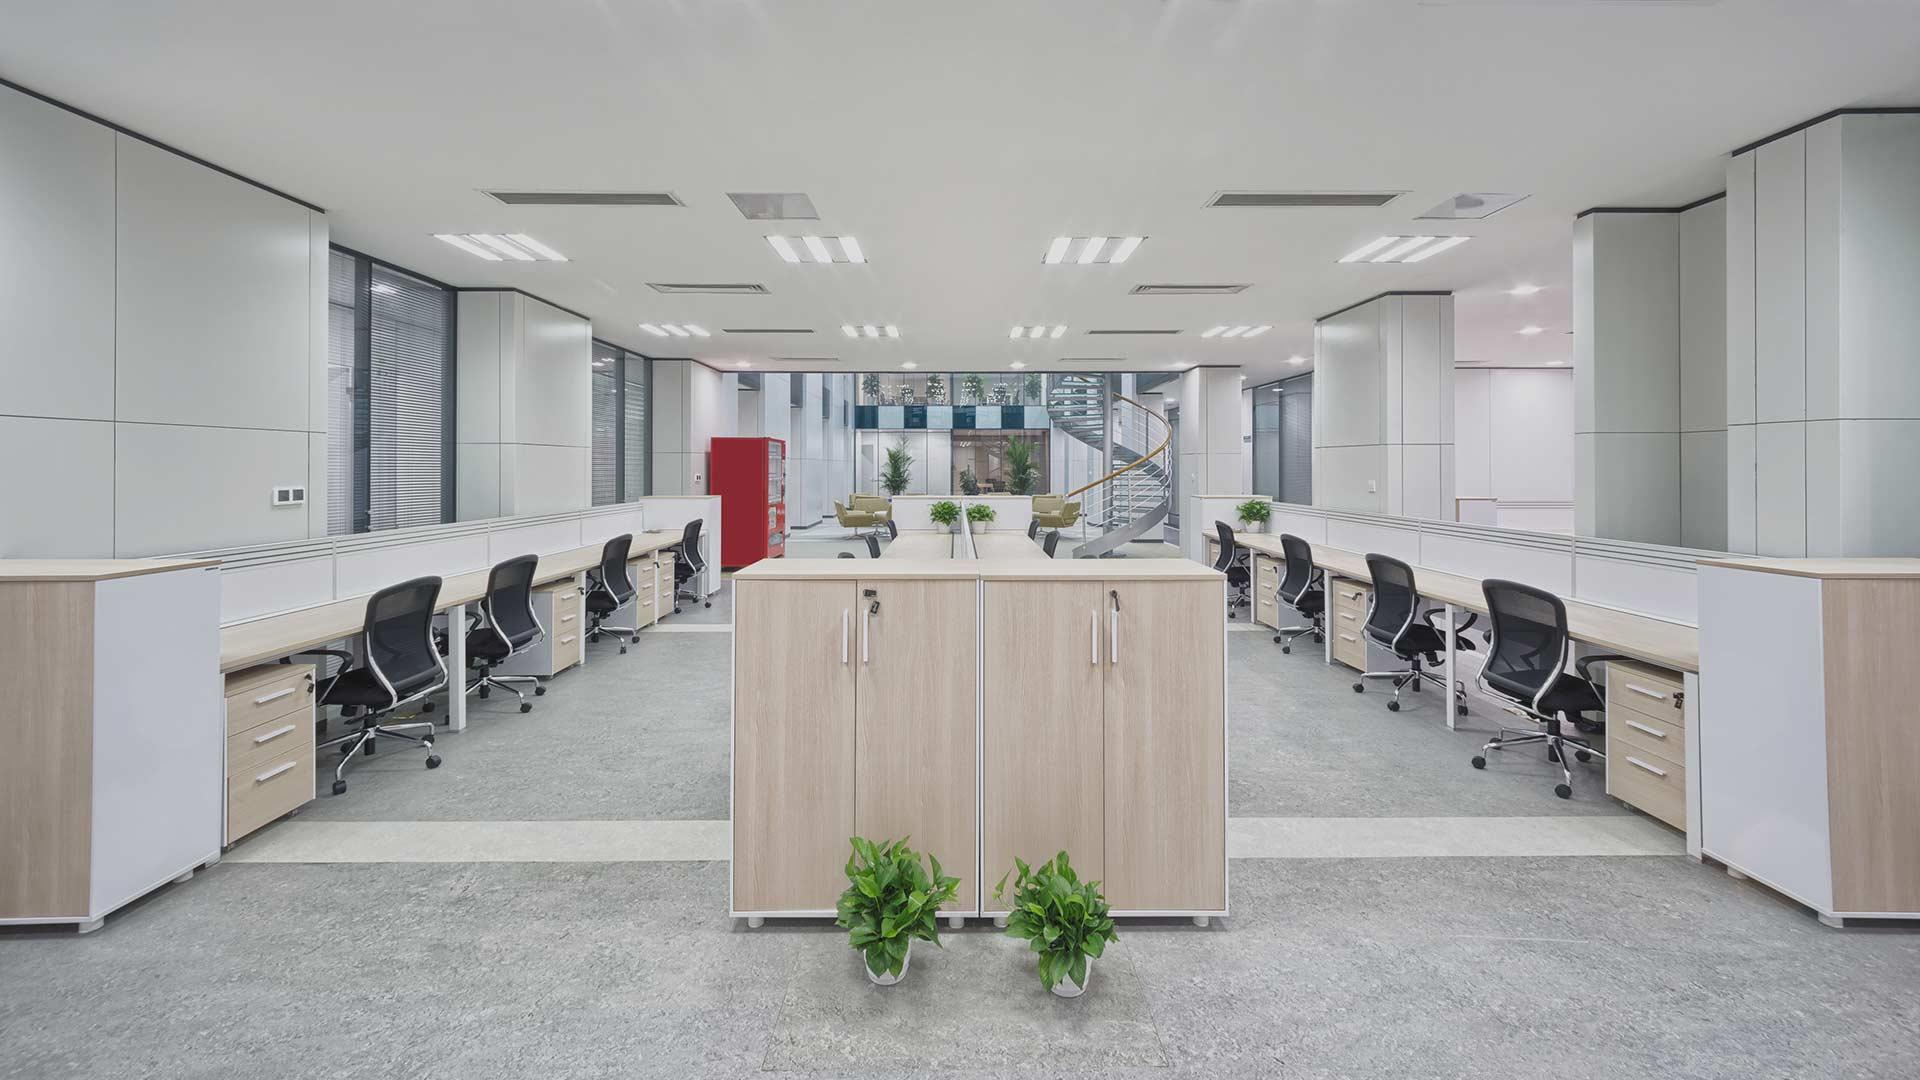 Innvendig kontorlokale med lange arbeidspulter og gulvbelegg på gulv